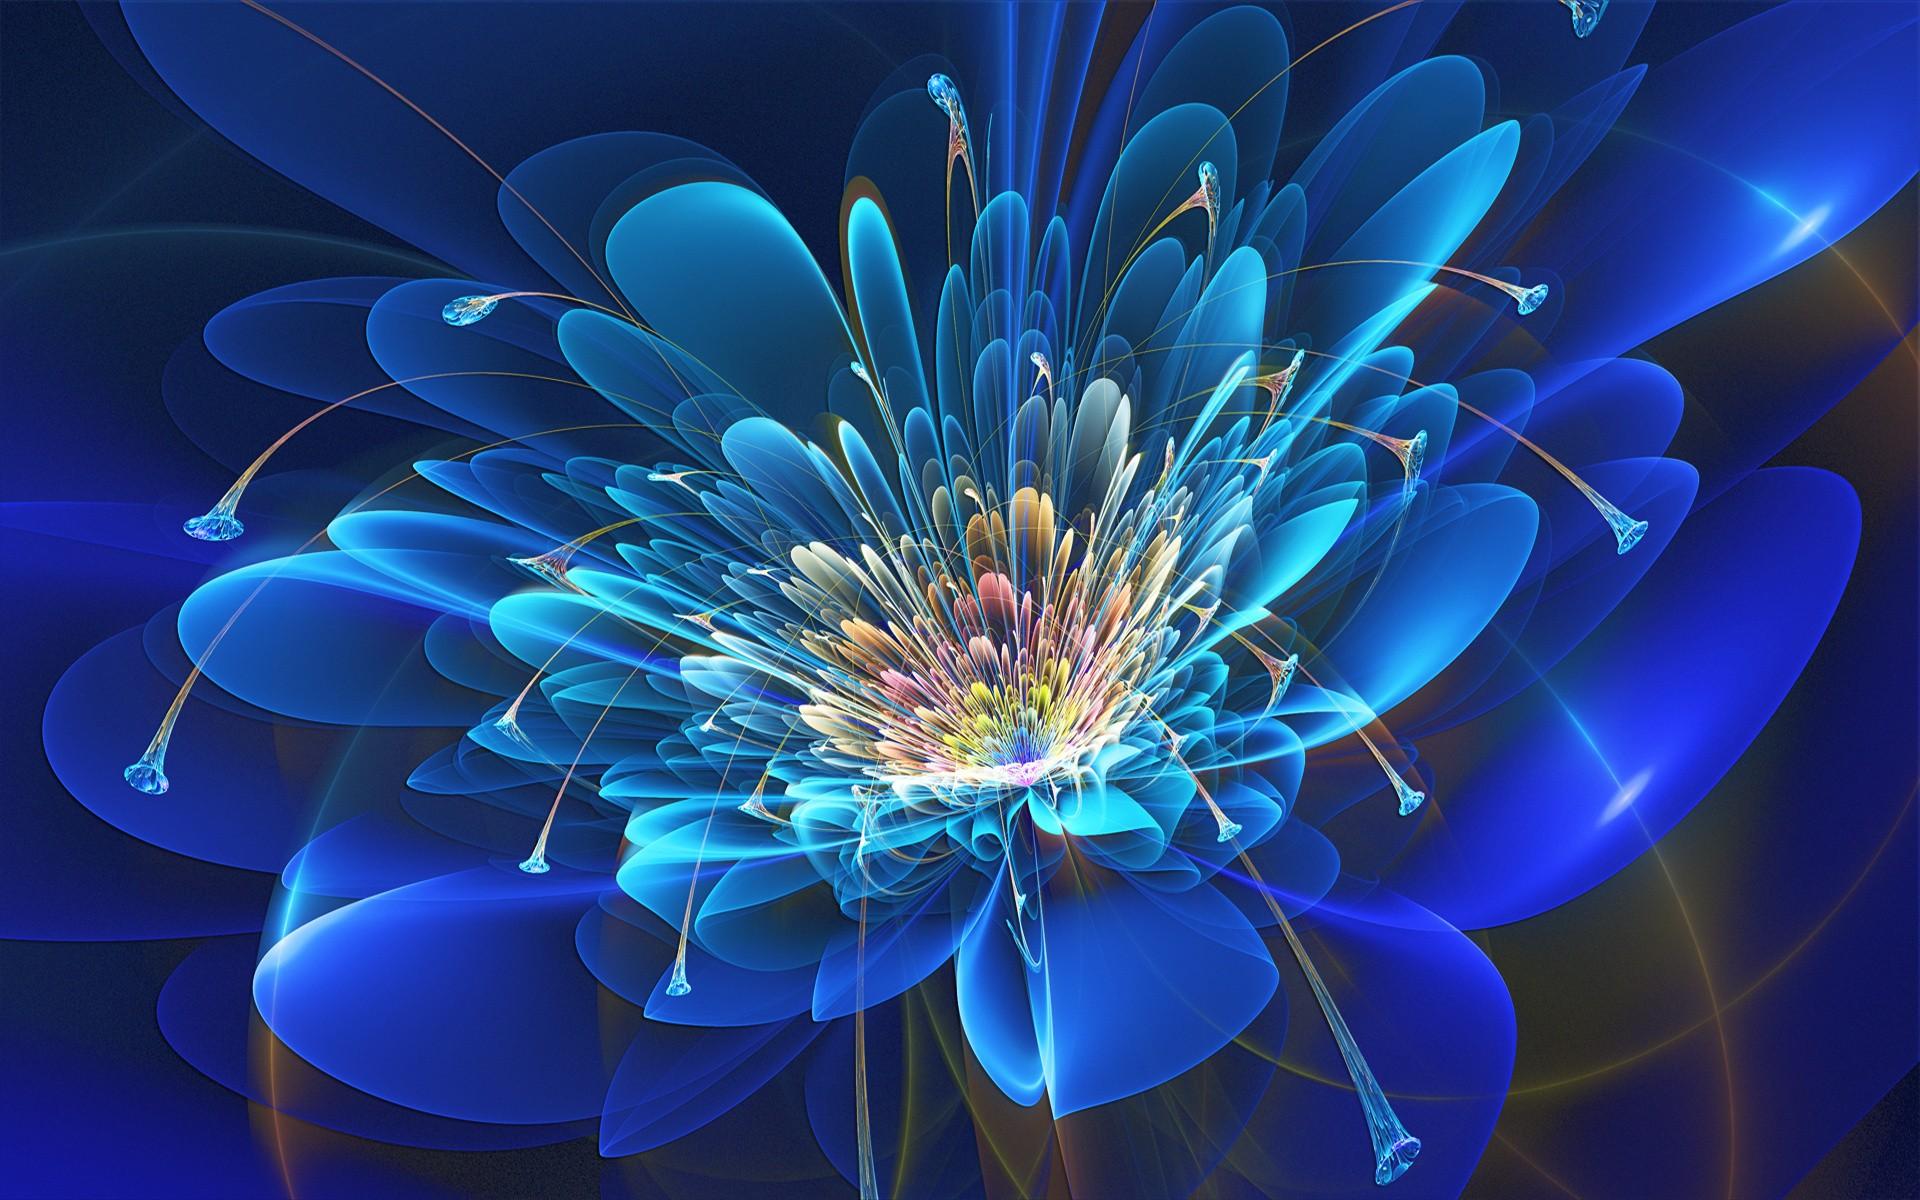 Fractal flower